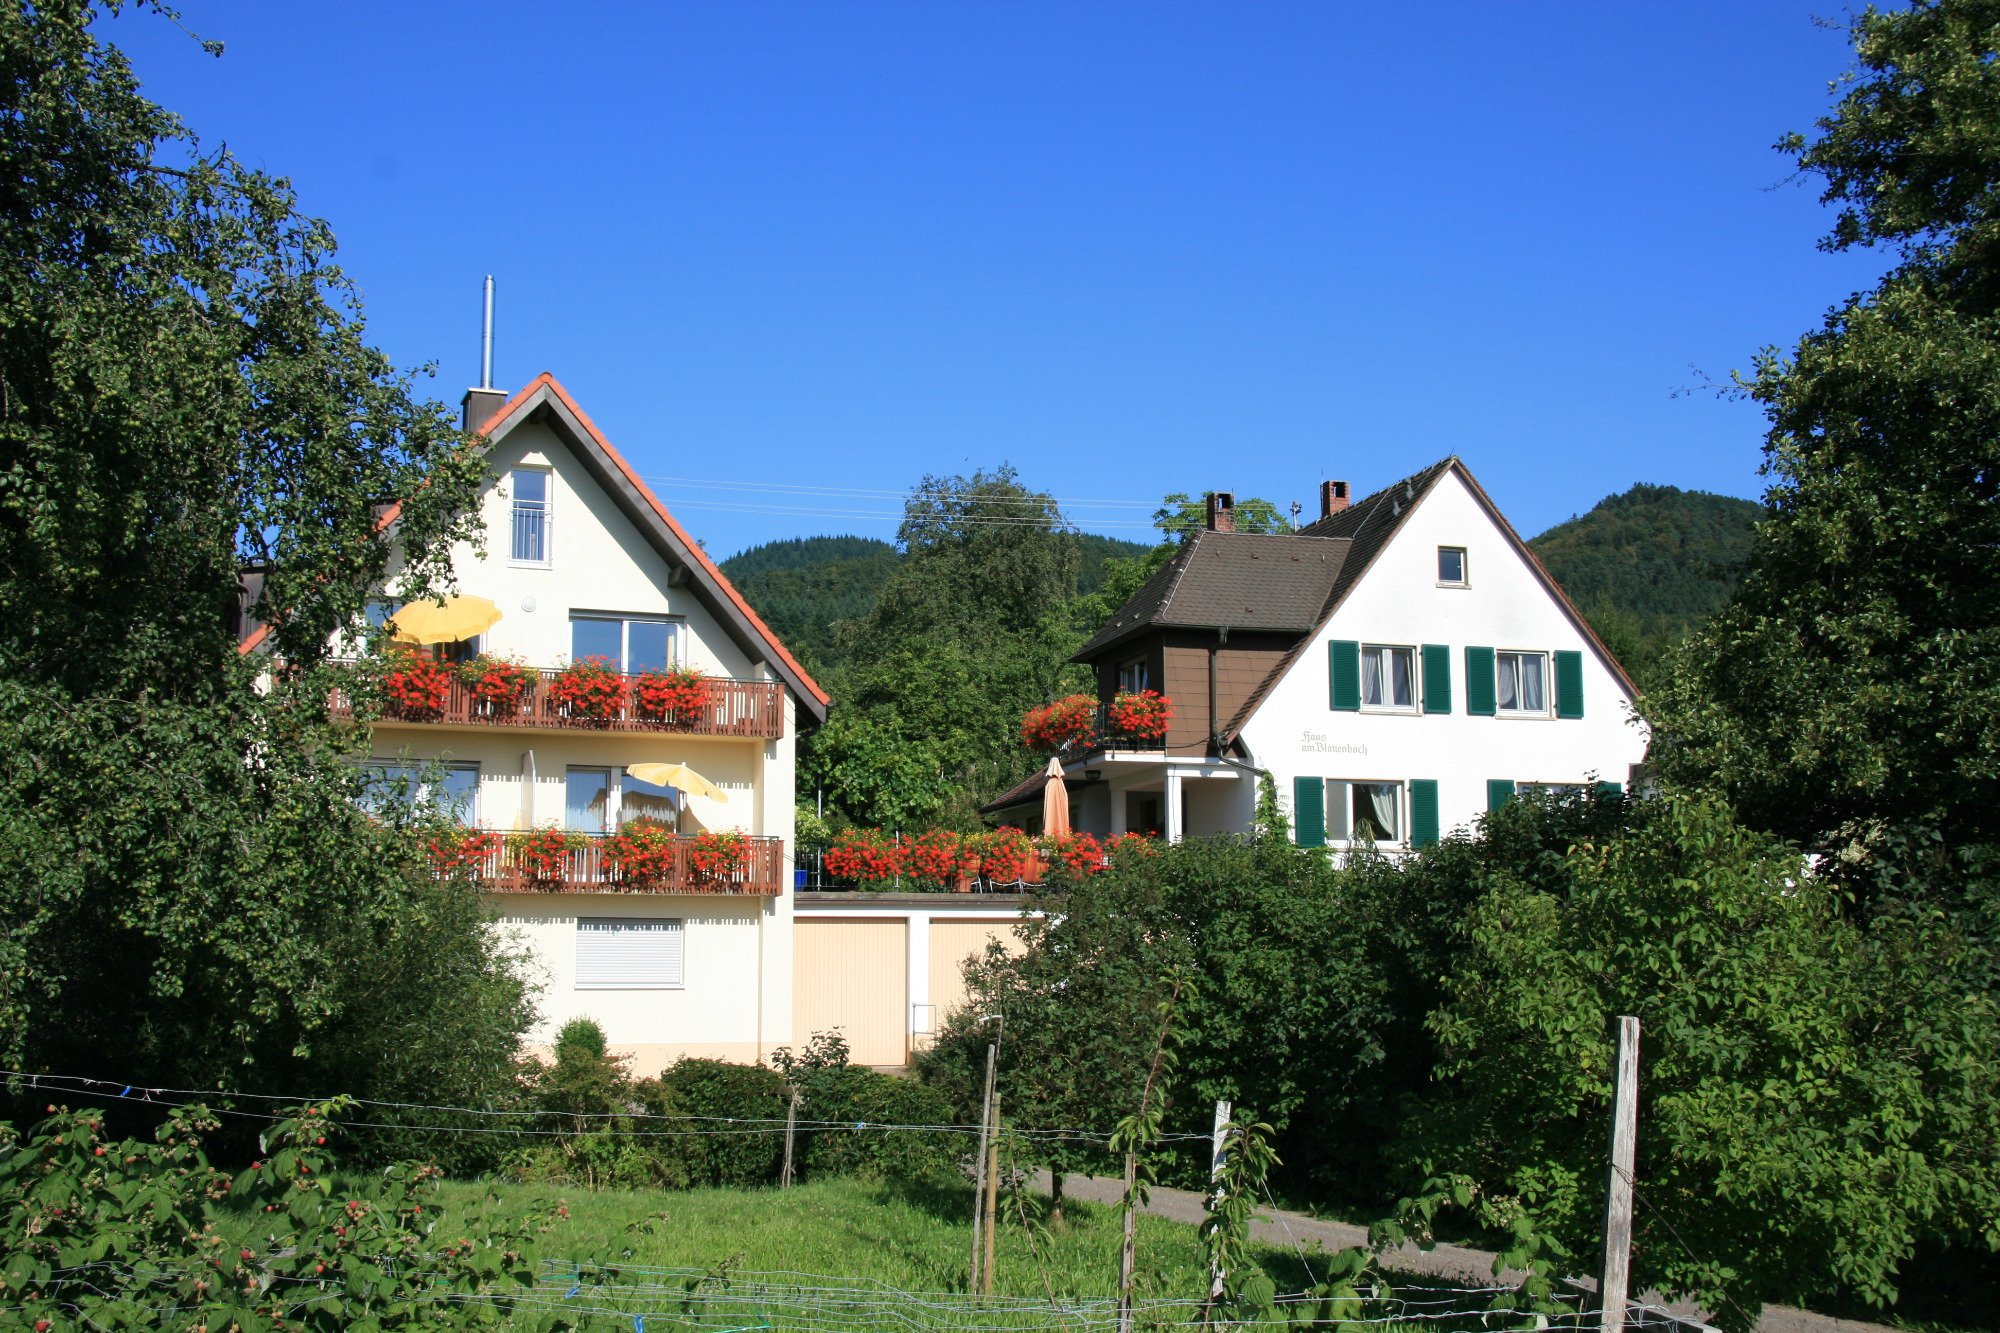 Haus am Blauenbach